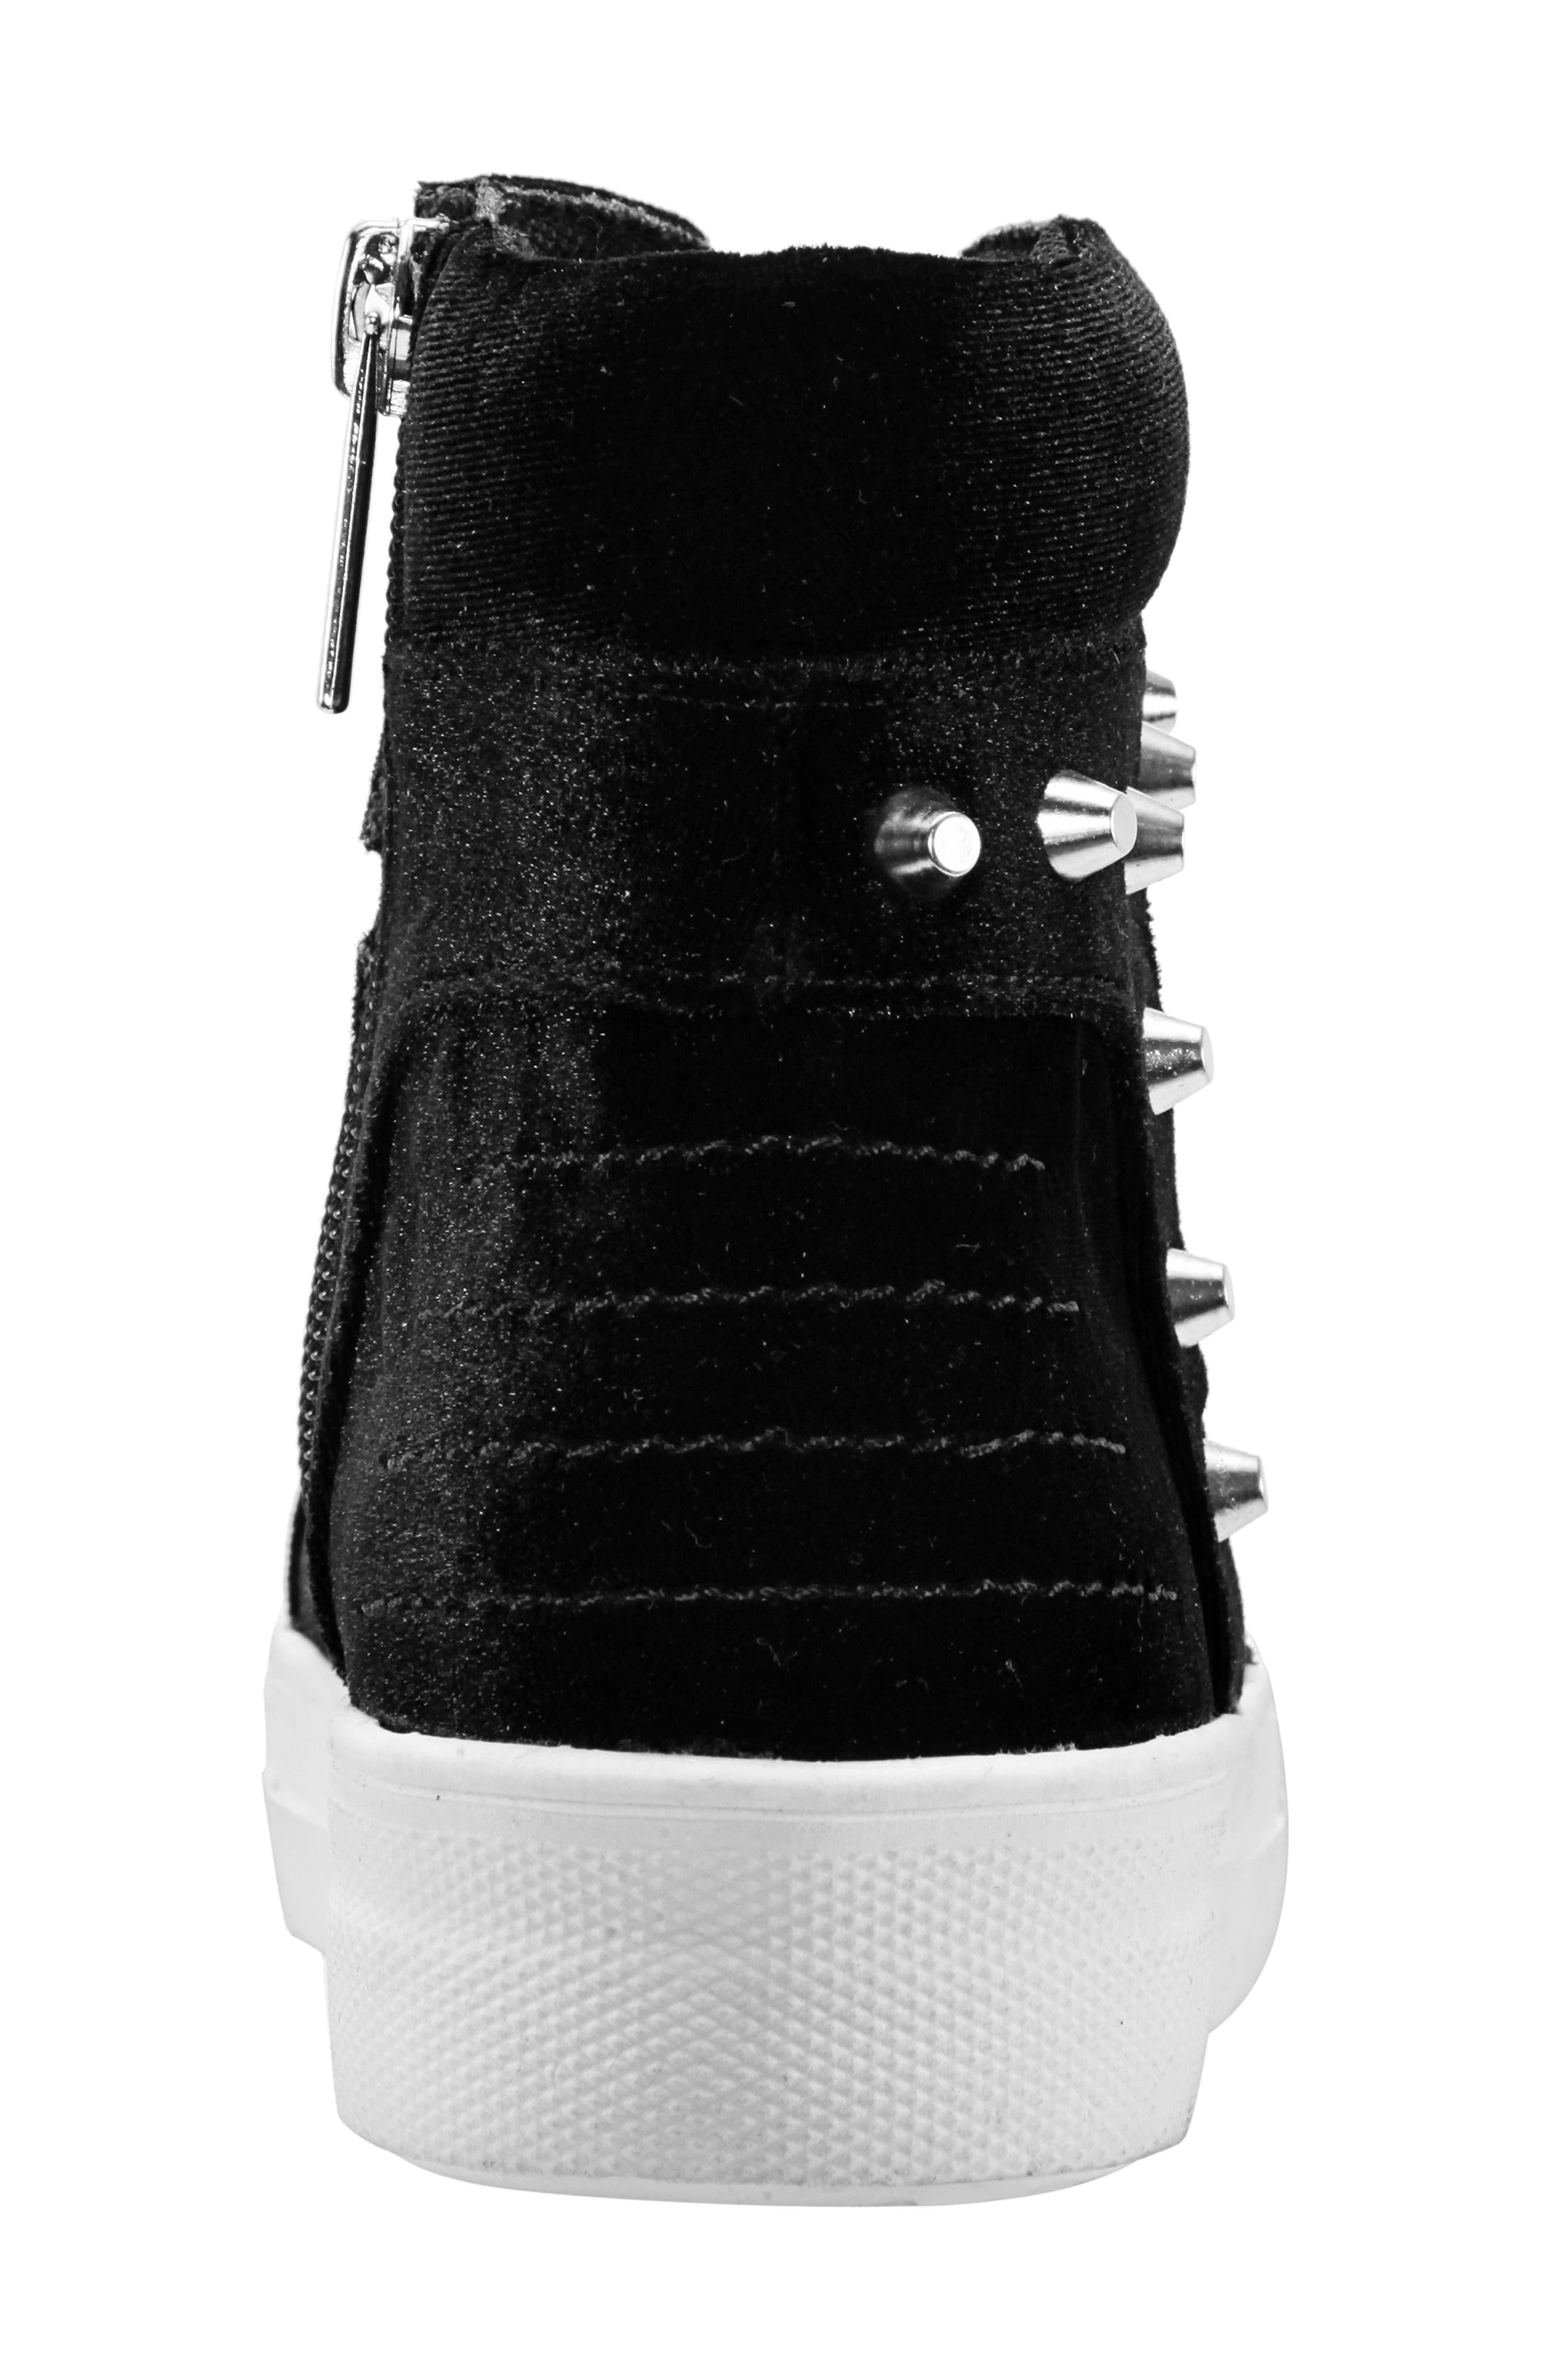 Ima Studded High Top Sneaker,                             Alternate thumbnail 7, color,                             BLACK VELVET